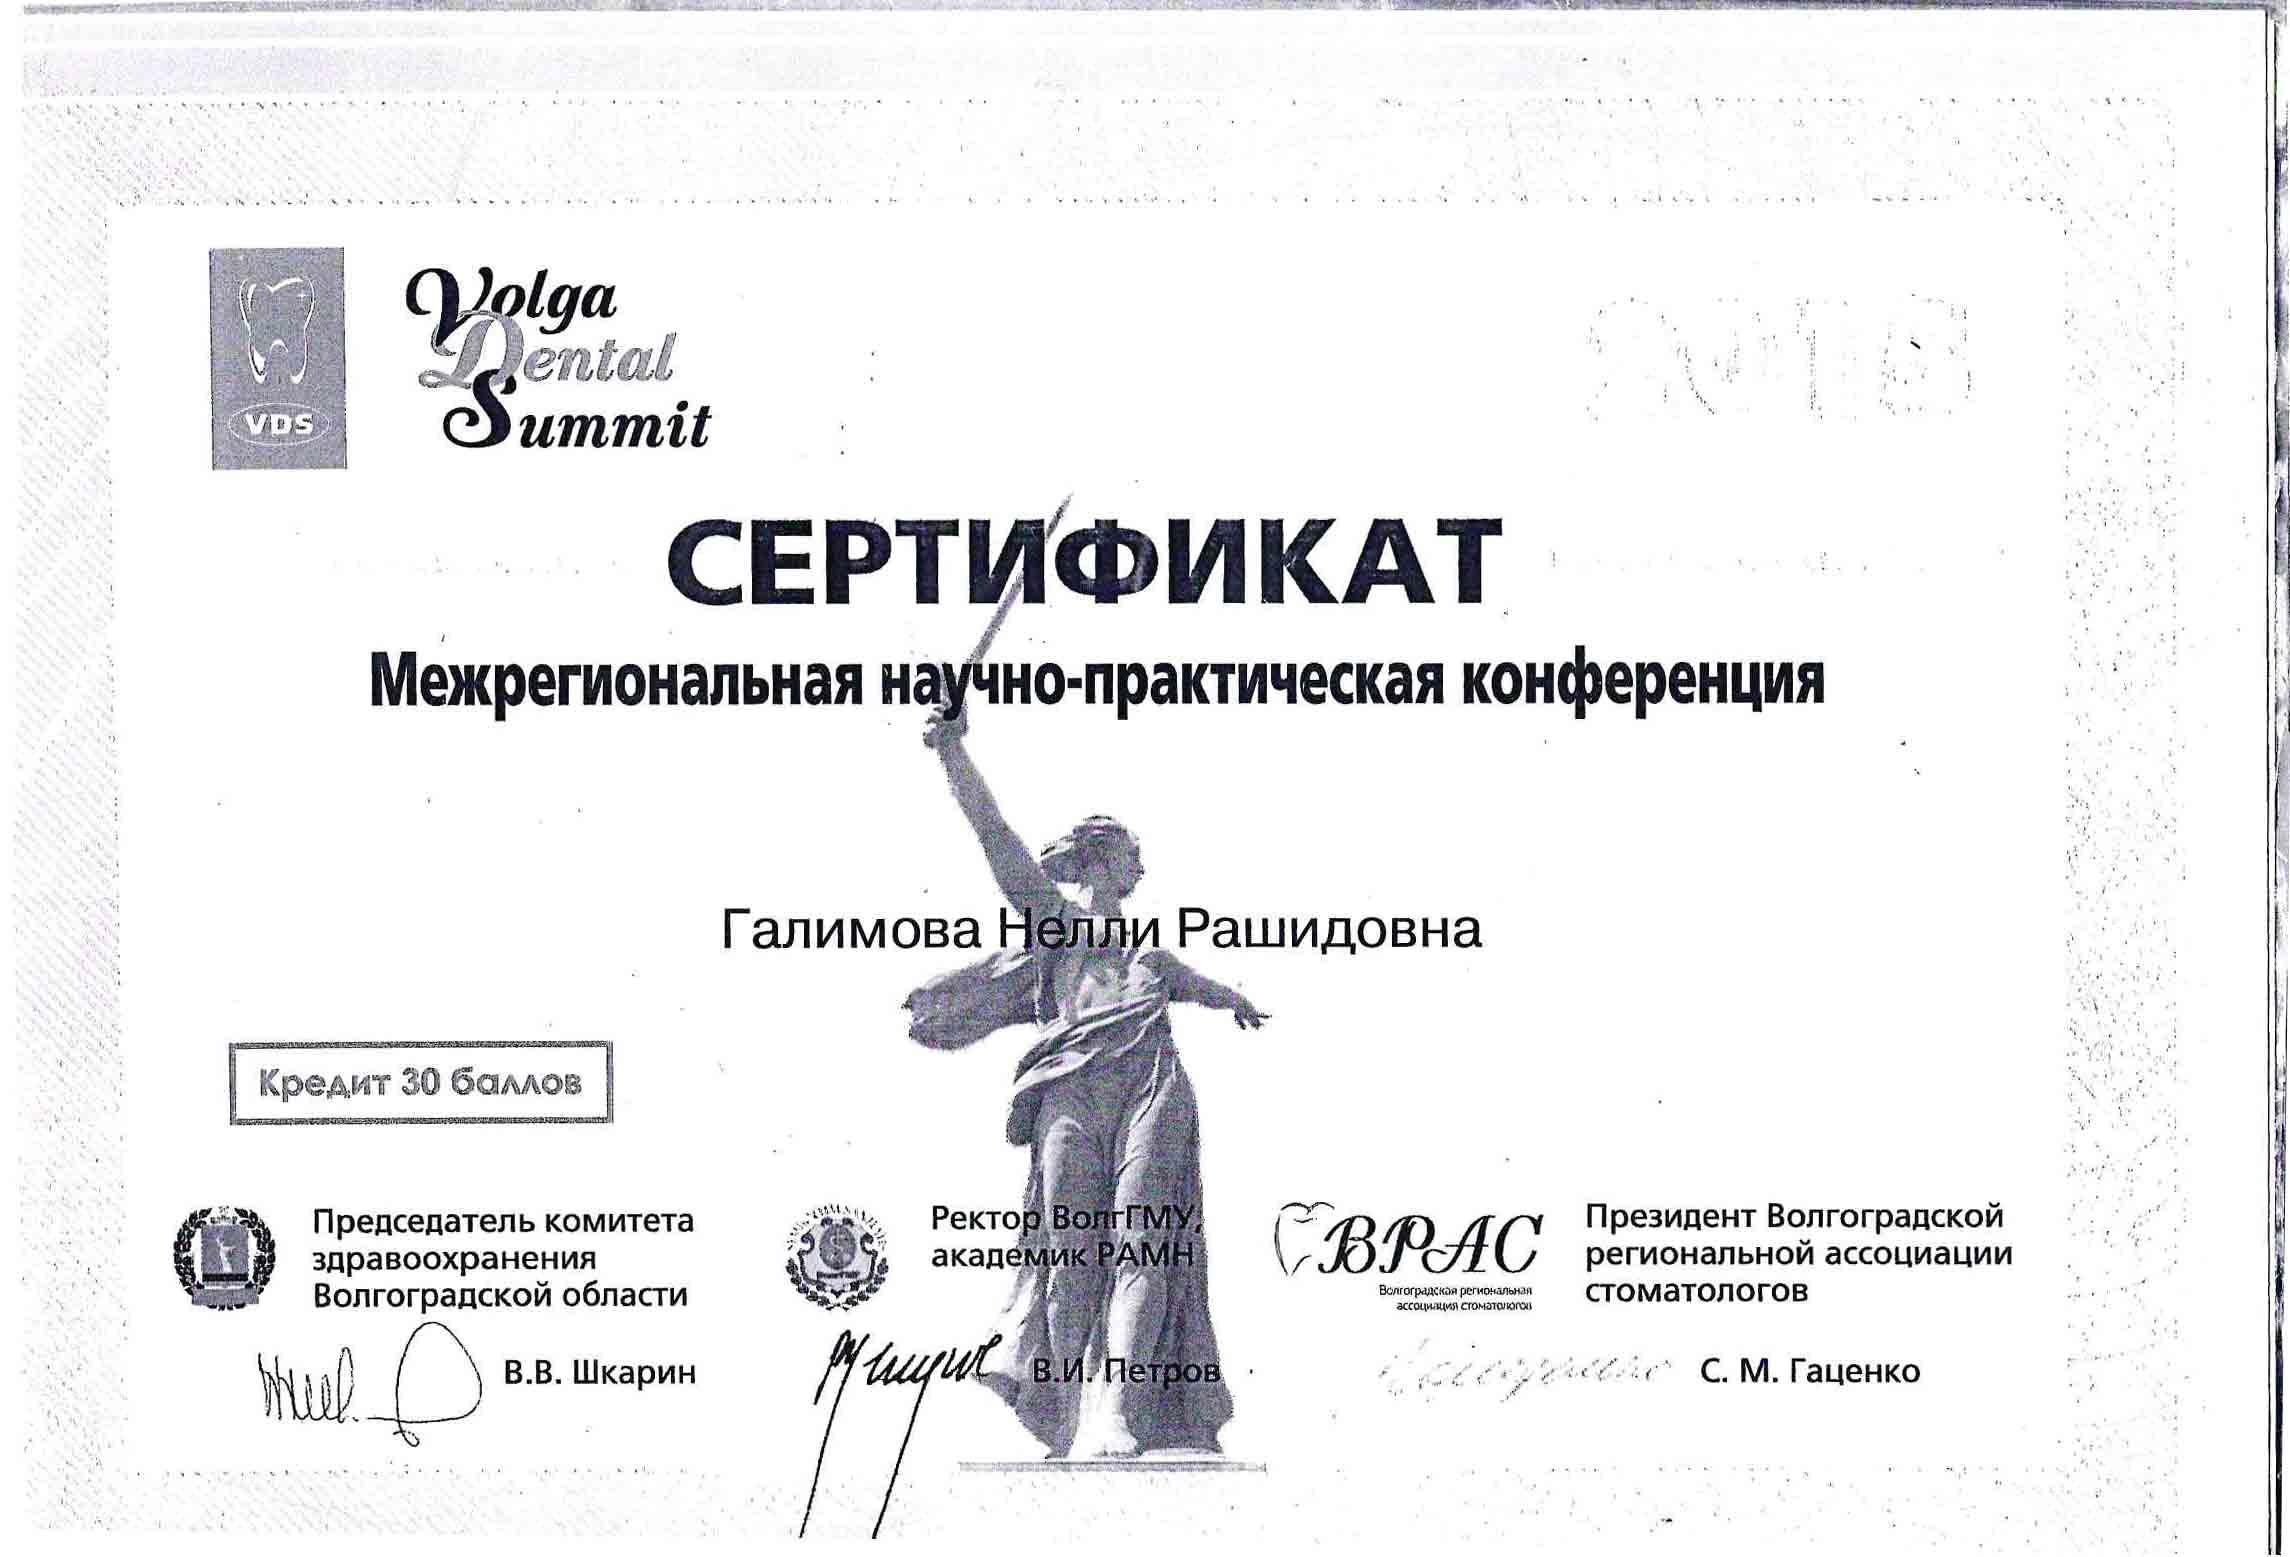 сертификат участника межрегиональной научно-практической конференции стоматолога-ортодонта Солововой Нелли Рашидовны